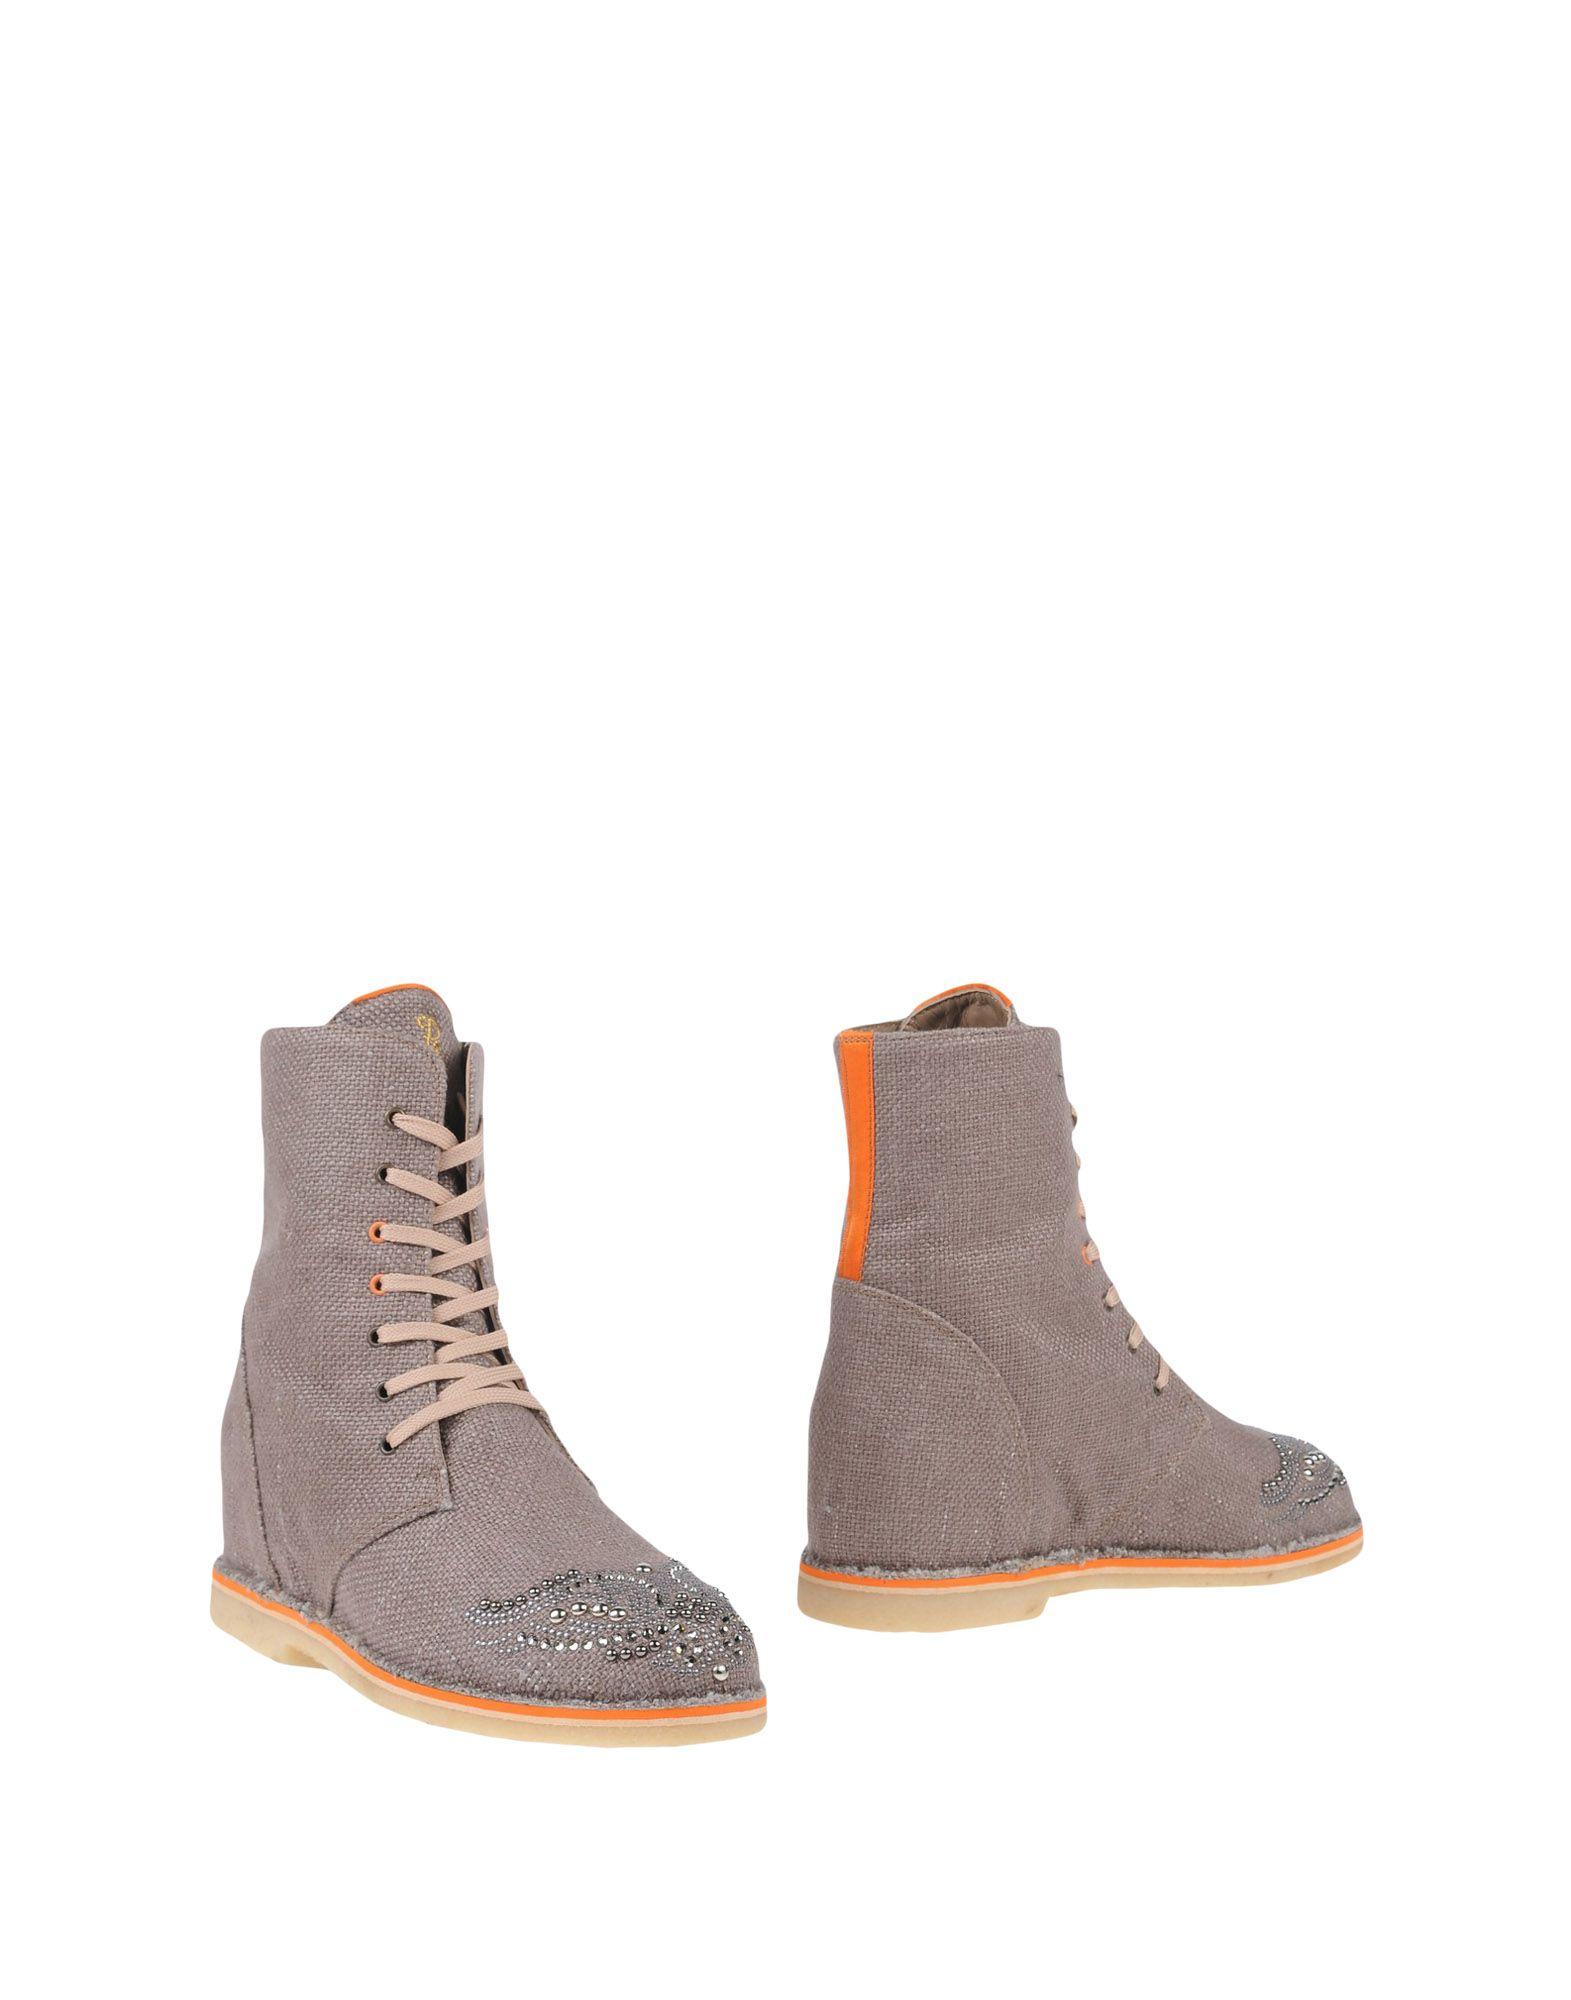 Passion Passion Passion Blanche Stiefelette Damen  11408237MW Gute Qualität beliebte Schuhe ed0d8a